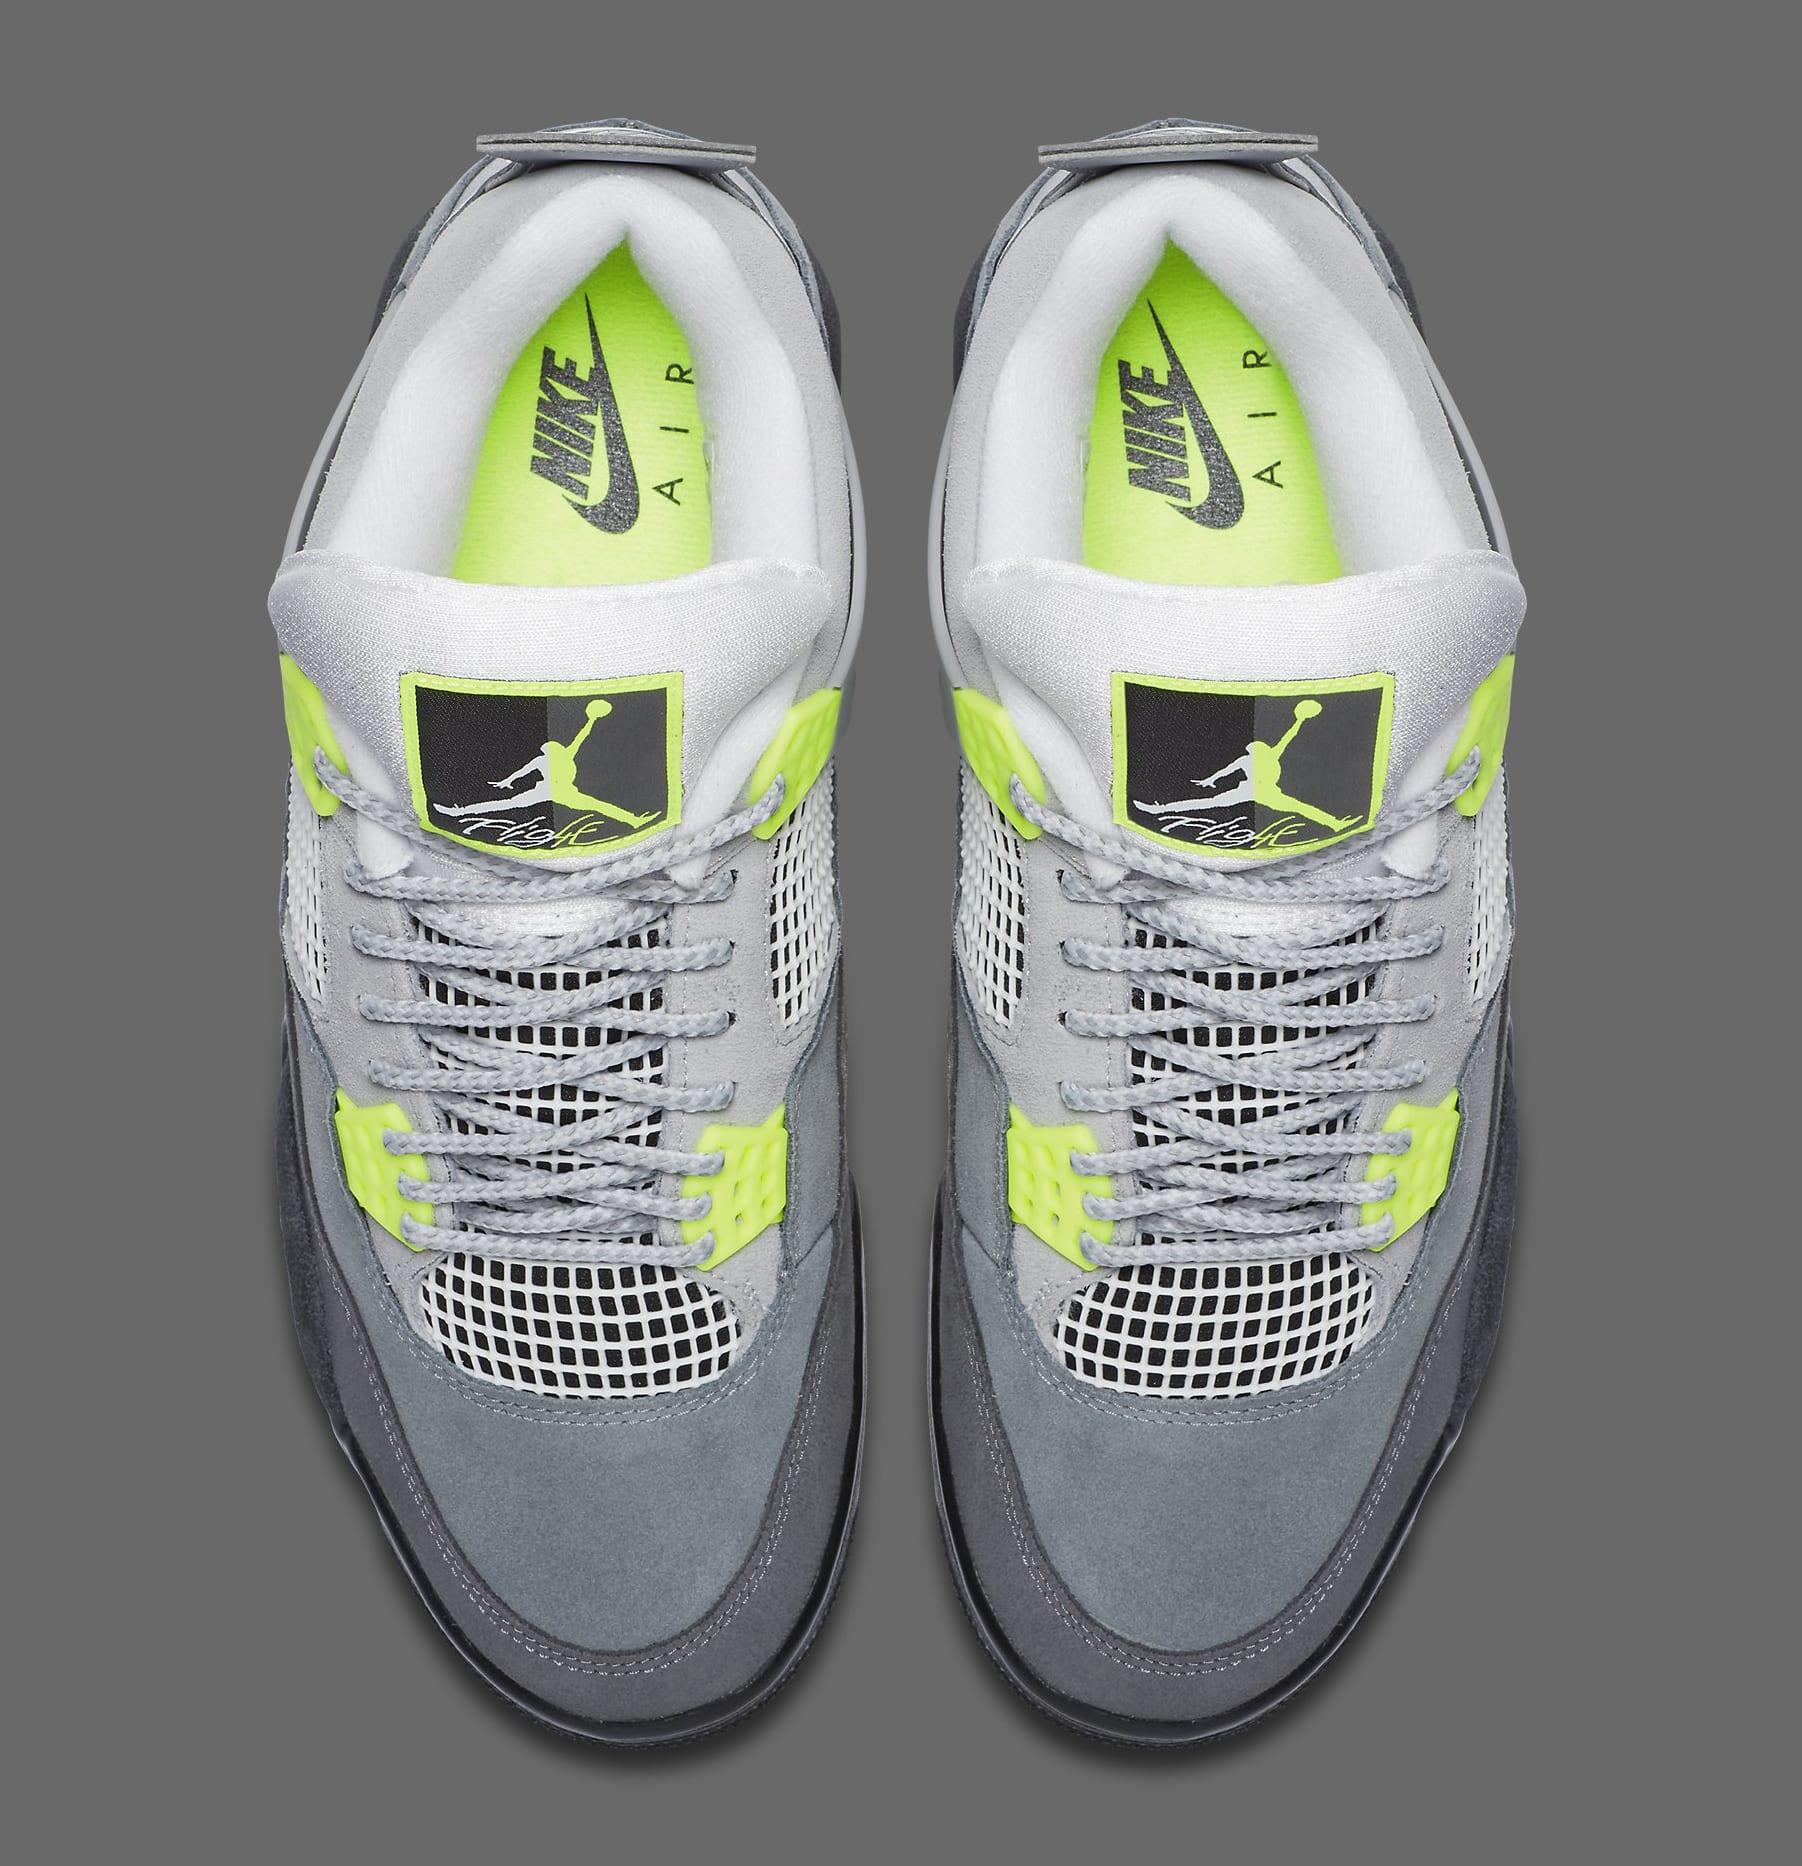 Air Jordan 4 Retro 'Neon' CT5342-007 Top